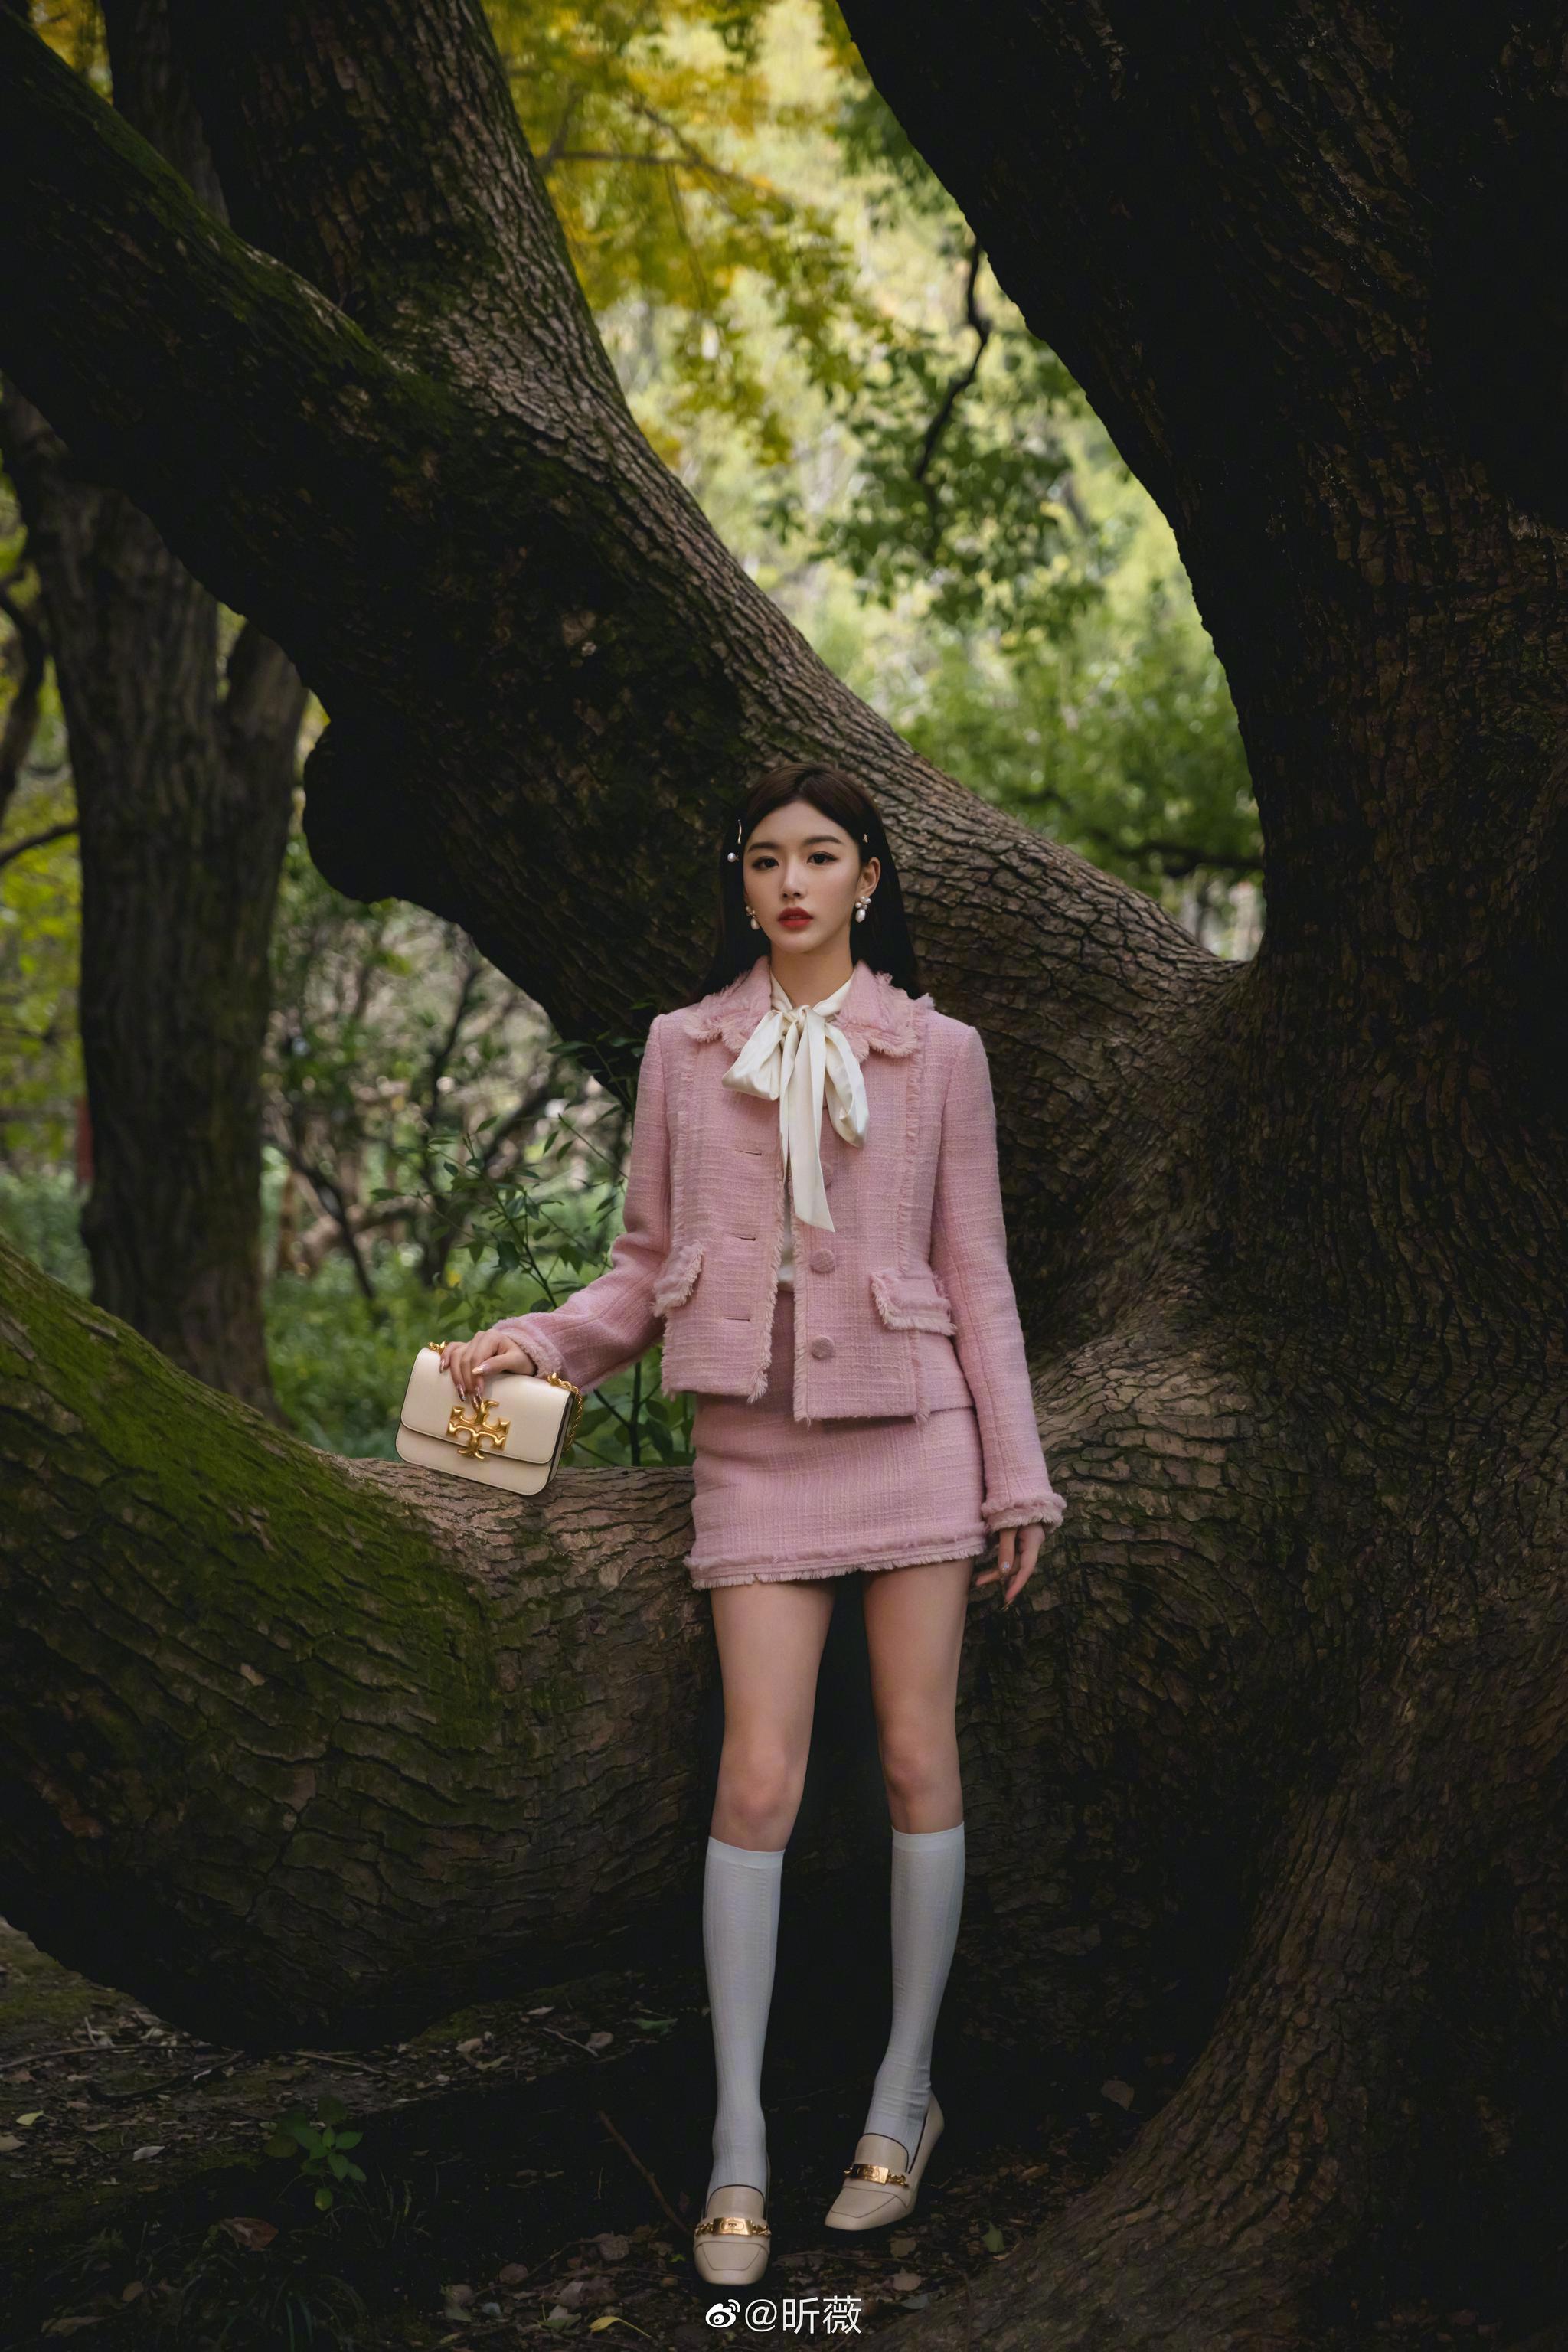 孔雪儿身着粉色短裙,超大蝴蝶结配饰加持…………